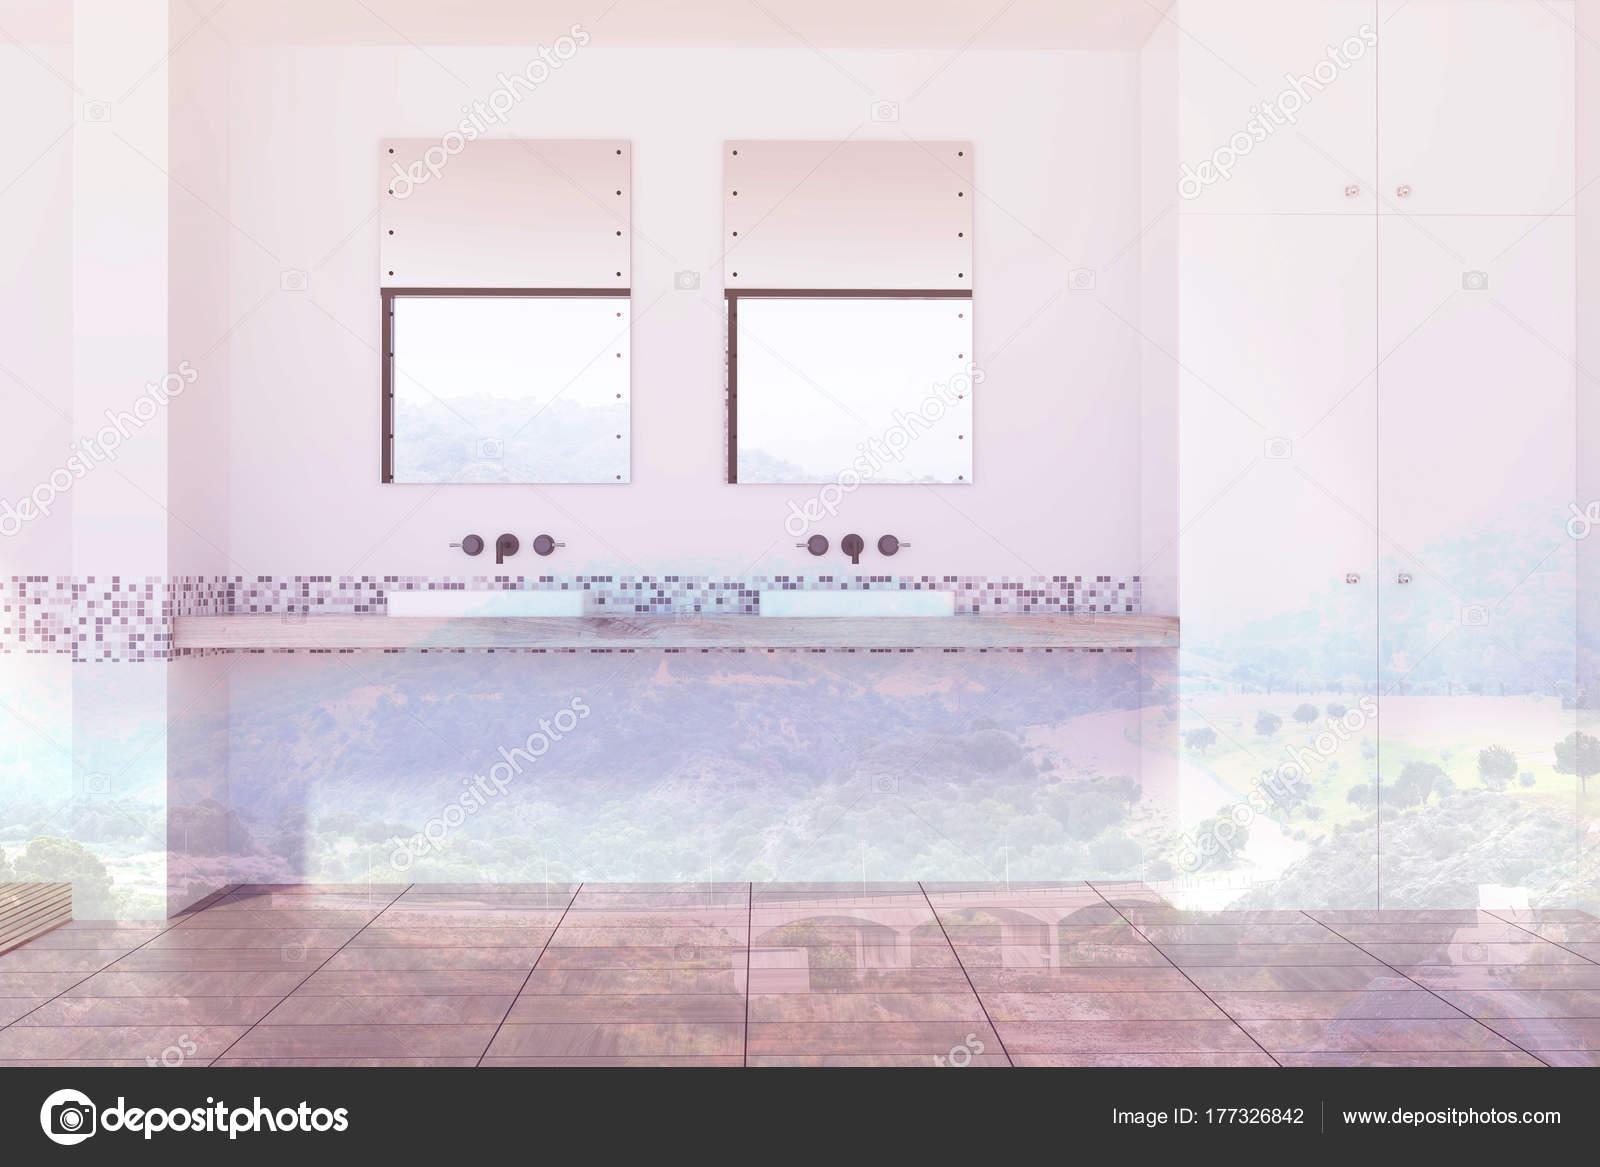 Bagno rivestito di piastrelle bianca e grigia lavelli tonica